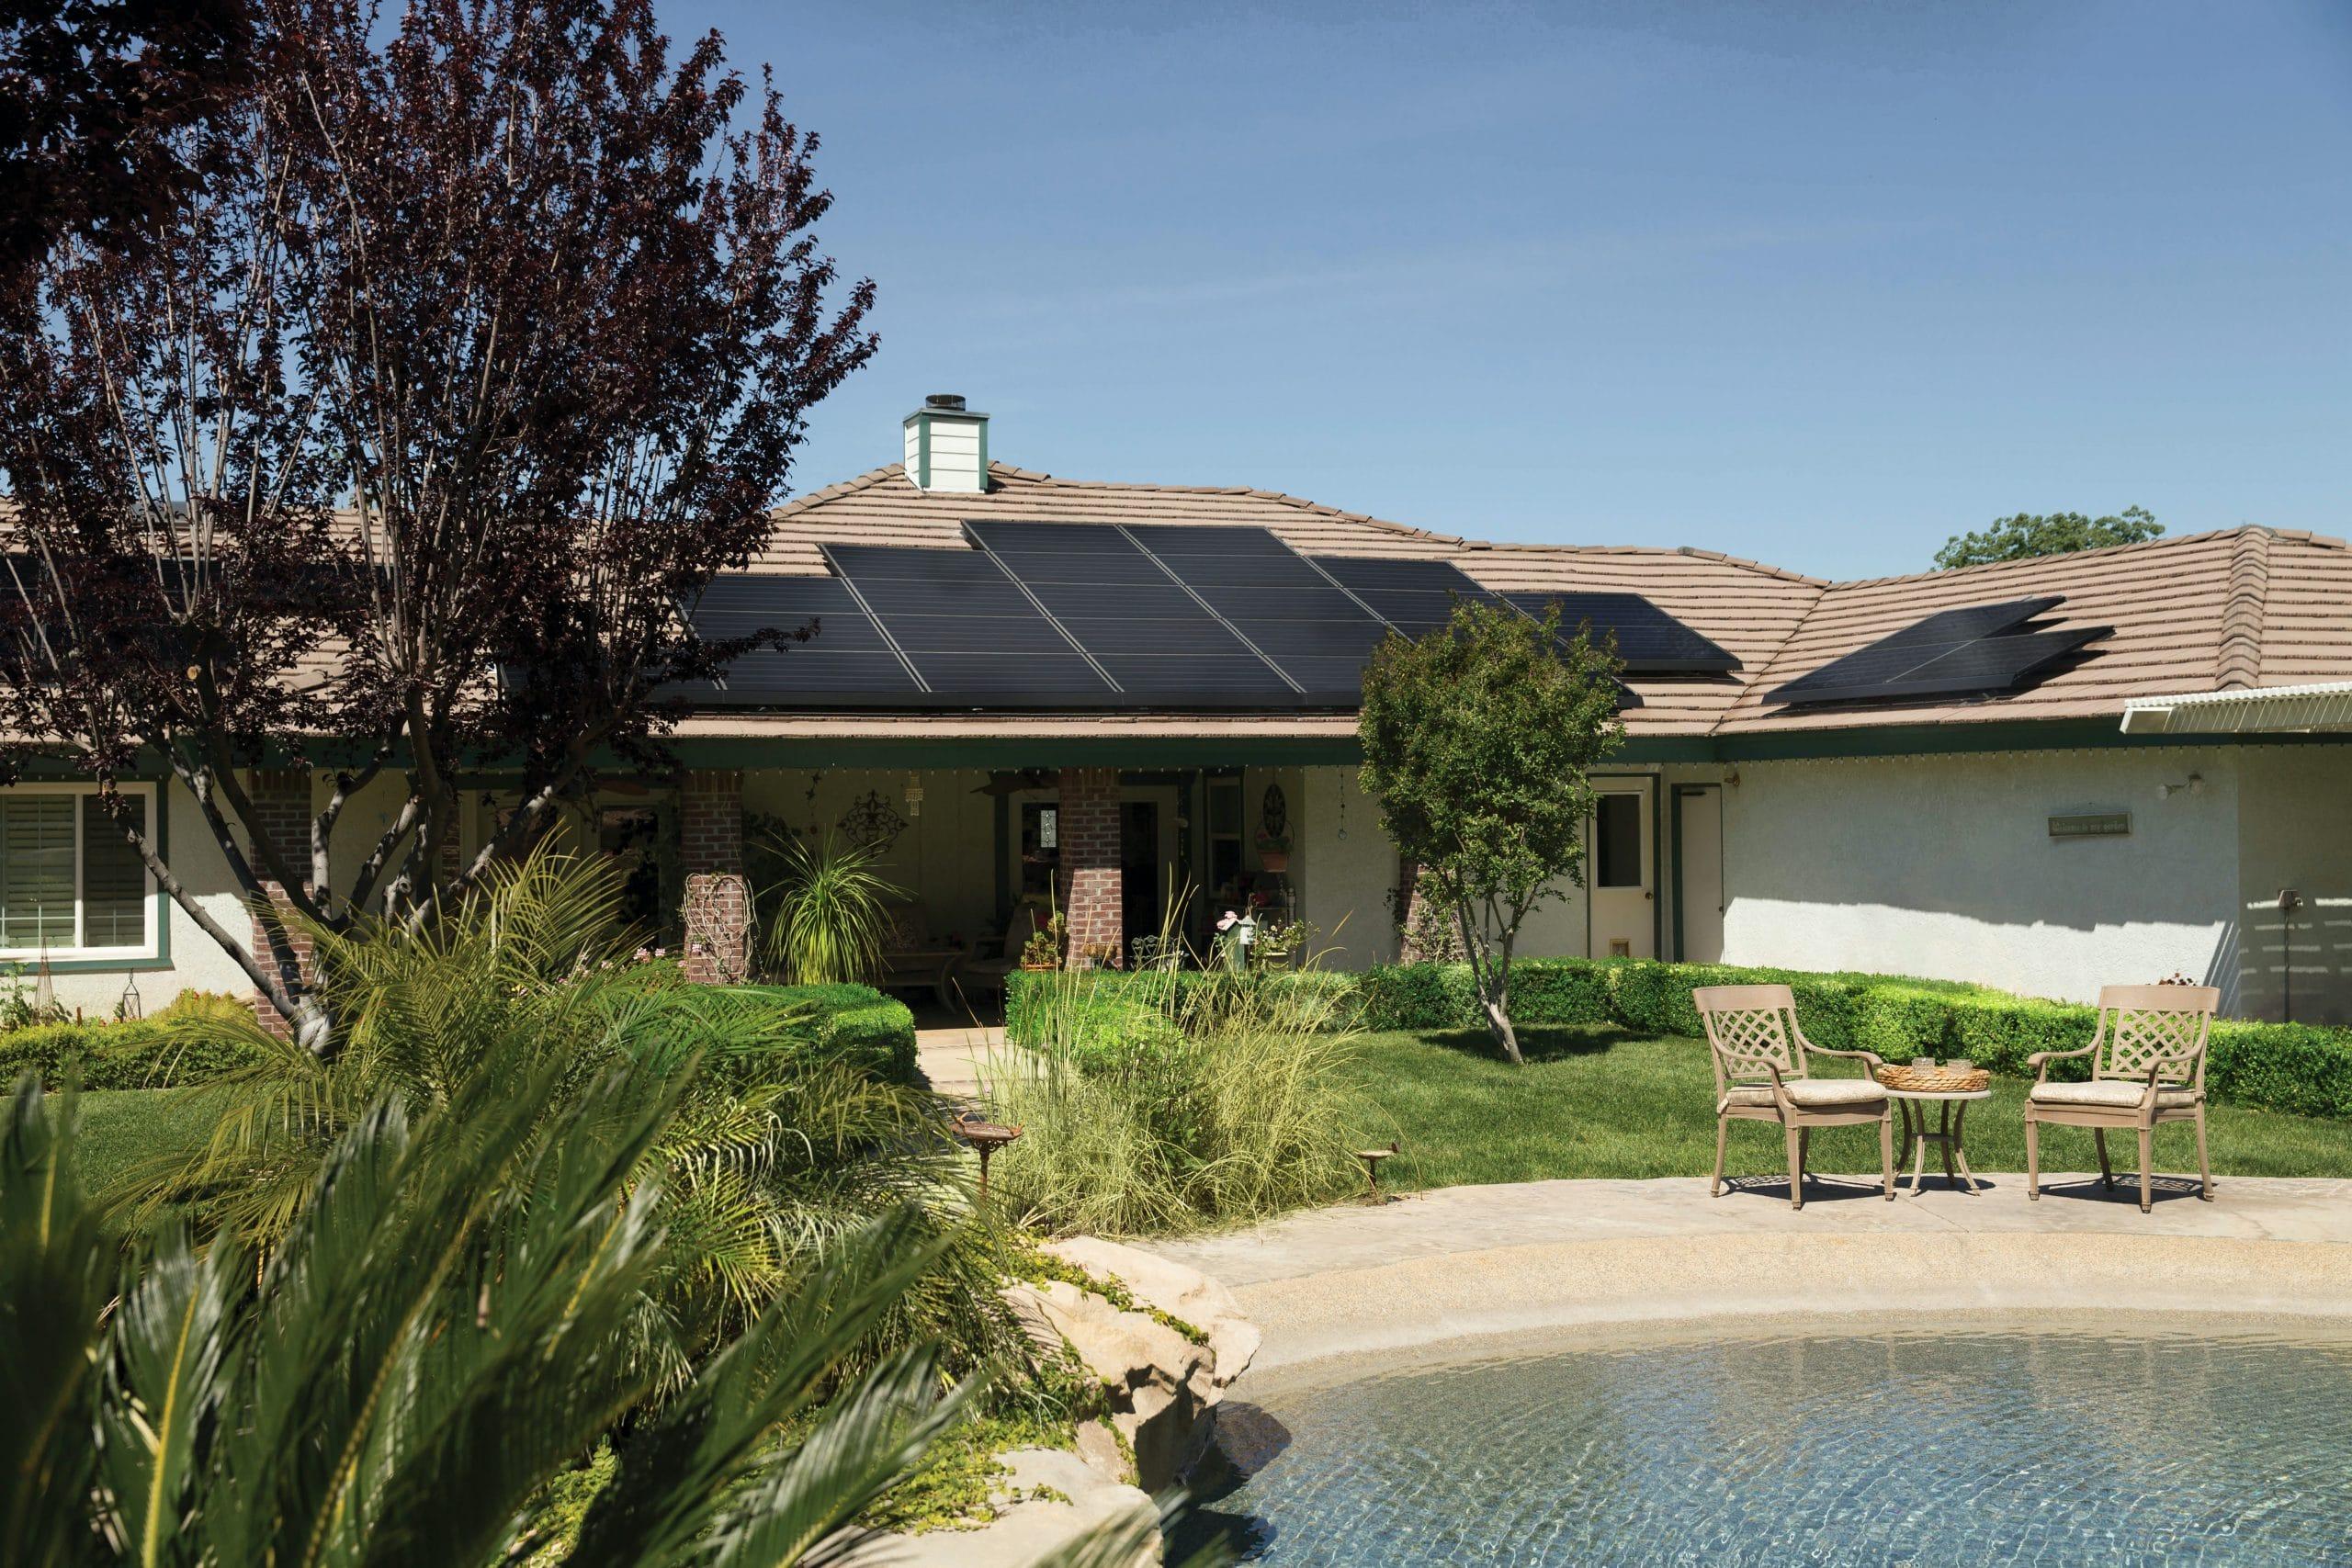 Maison individuelle équipée de panneaux solaires sur le toit